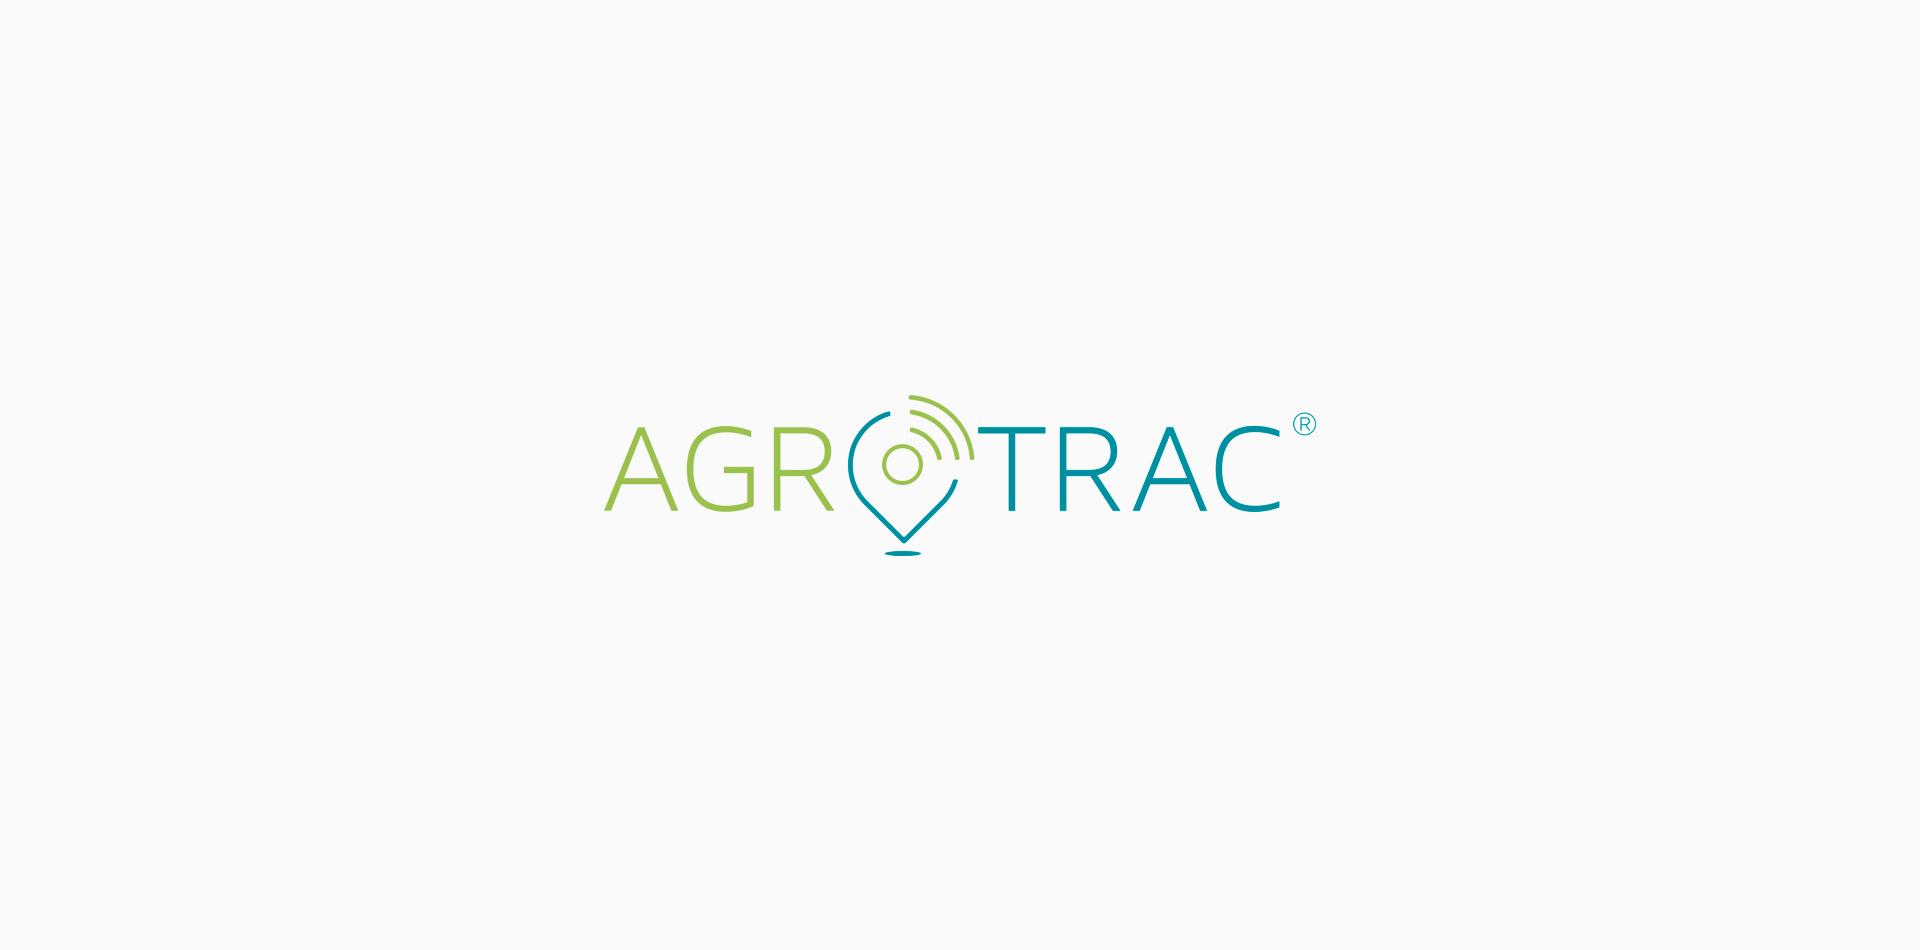 Agrotrac